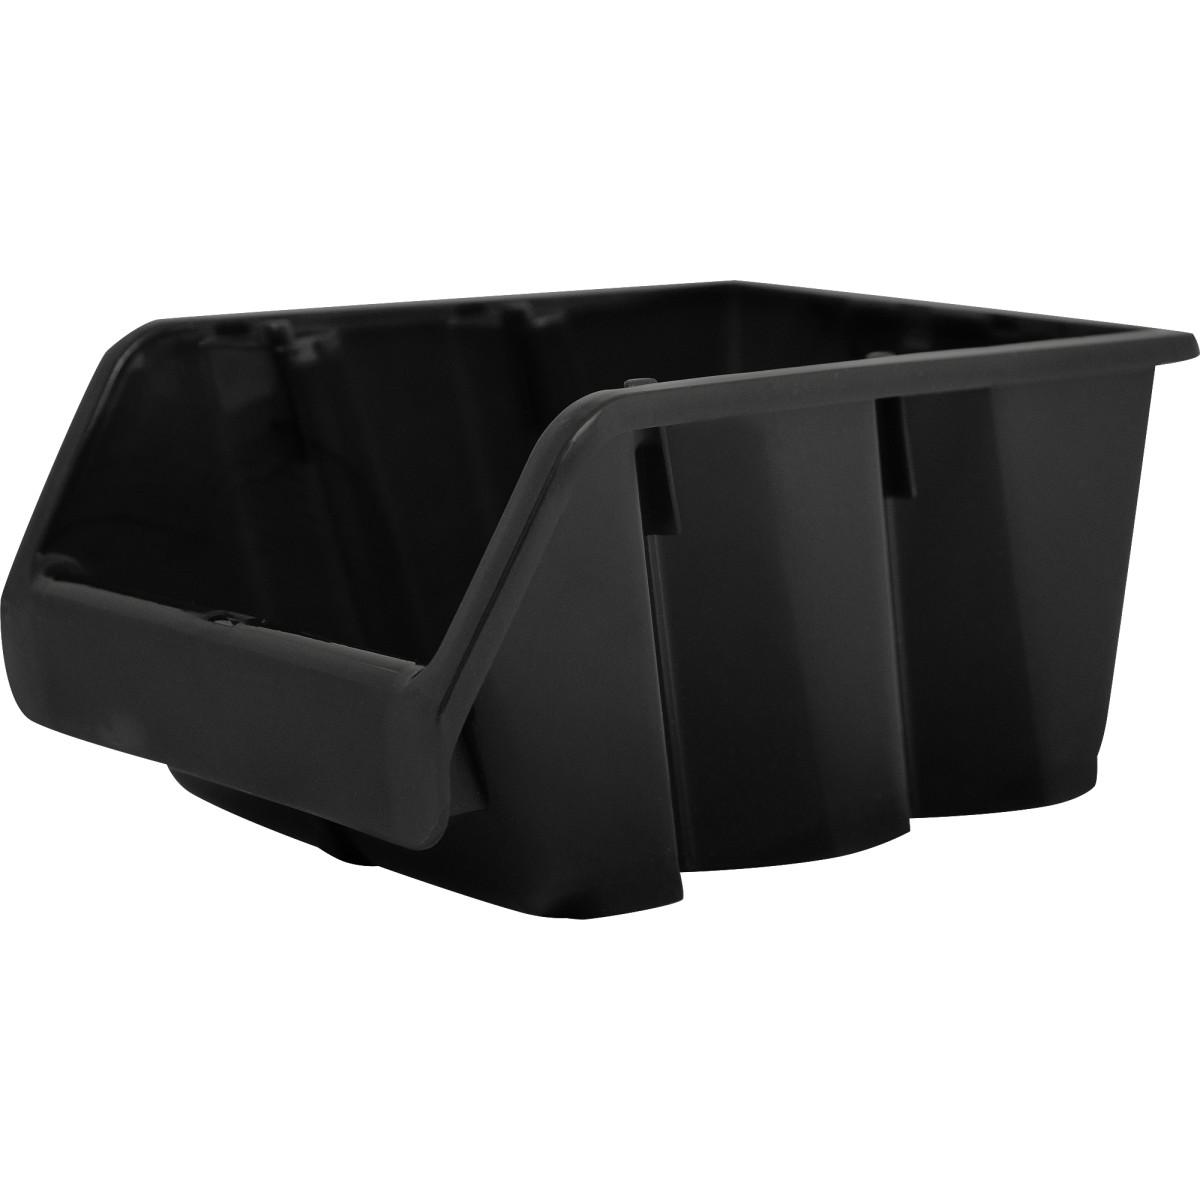 Лоток Volf 10.5х16.4х7.8 см пластик цвет чёрный